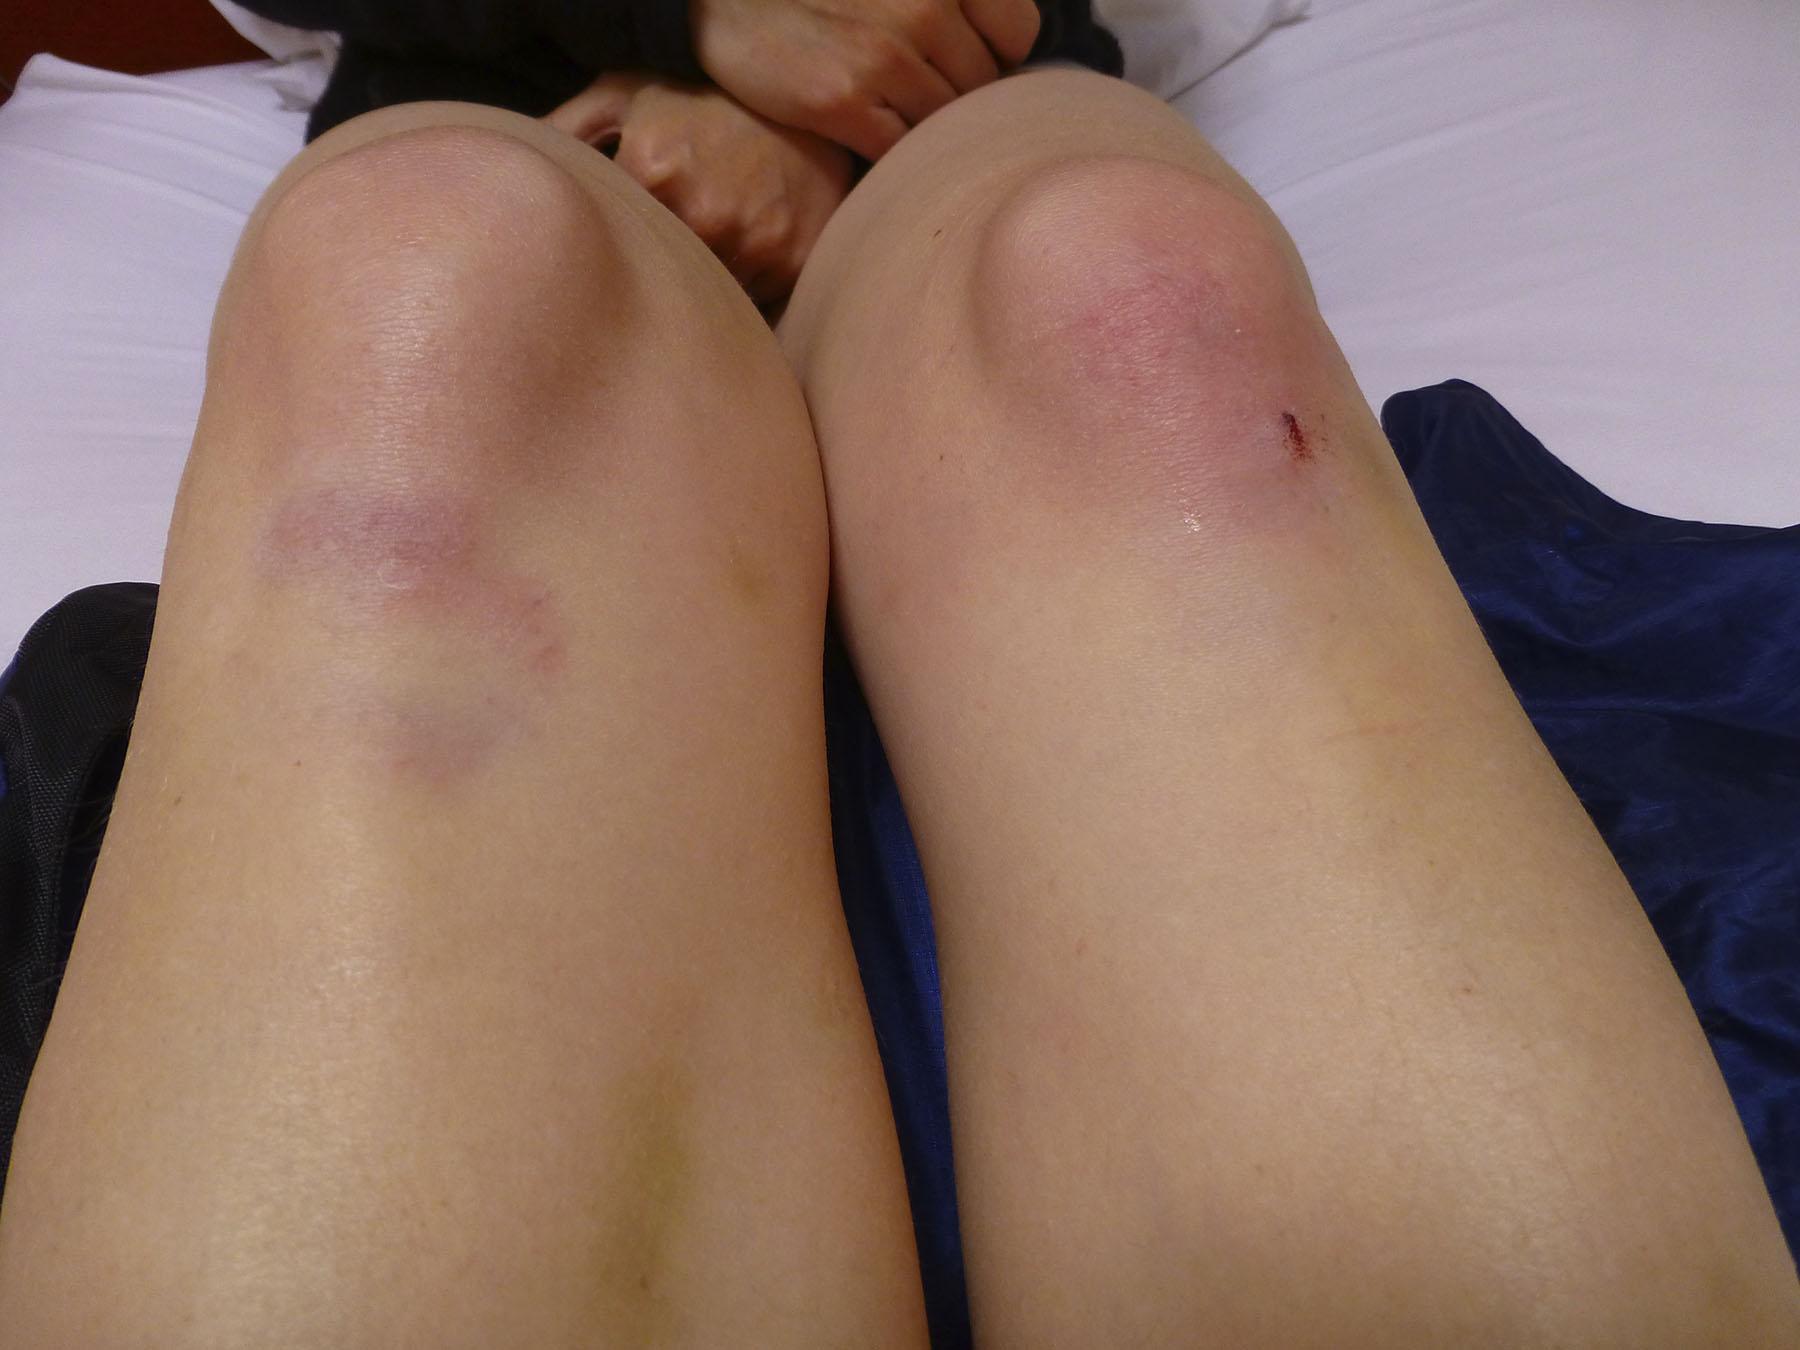 Beaten And Bruised